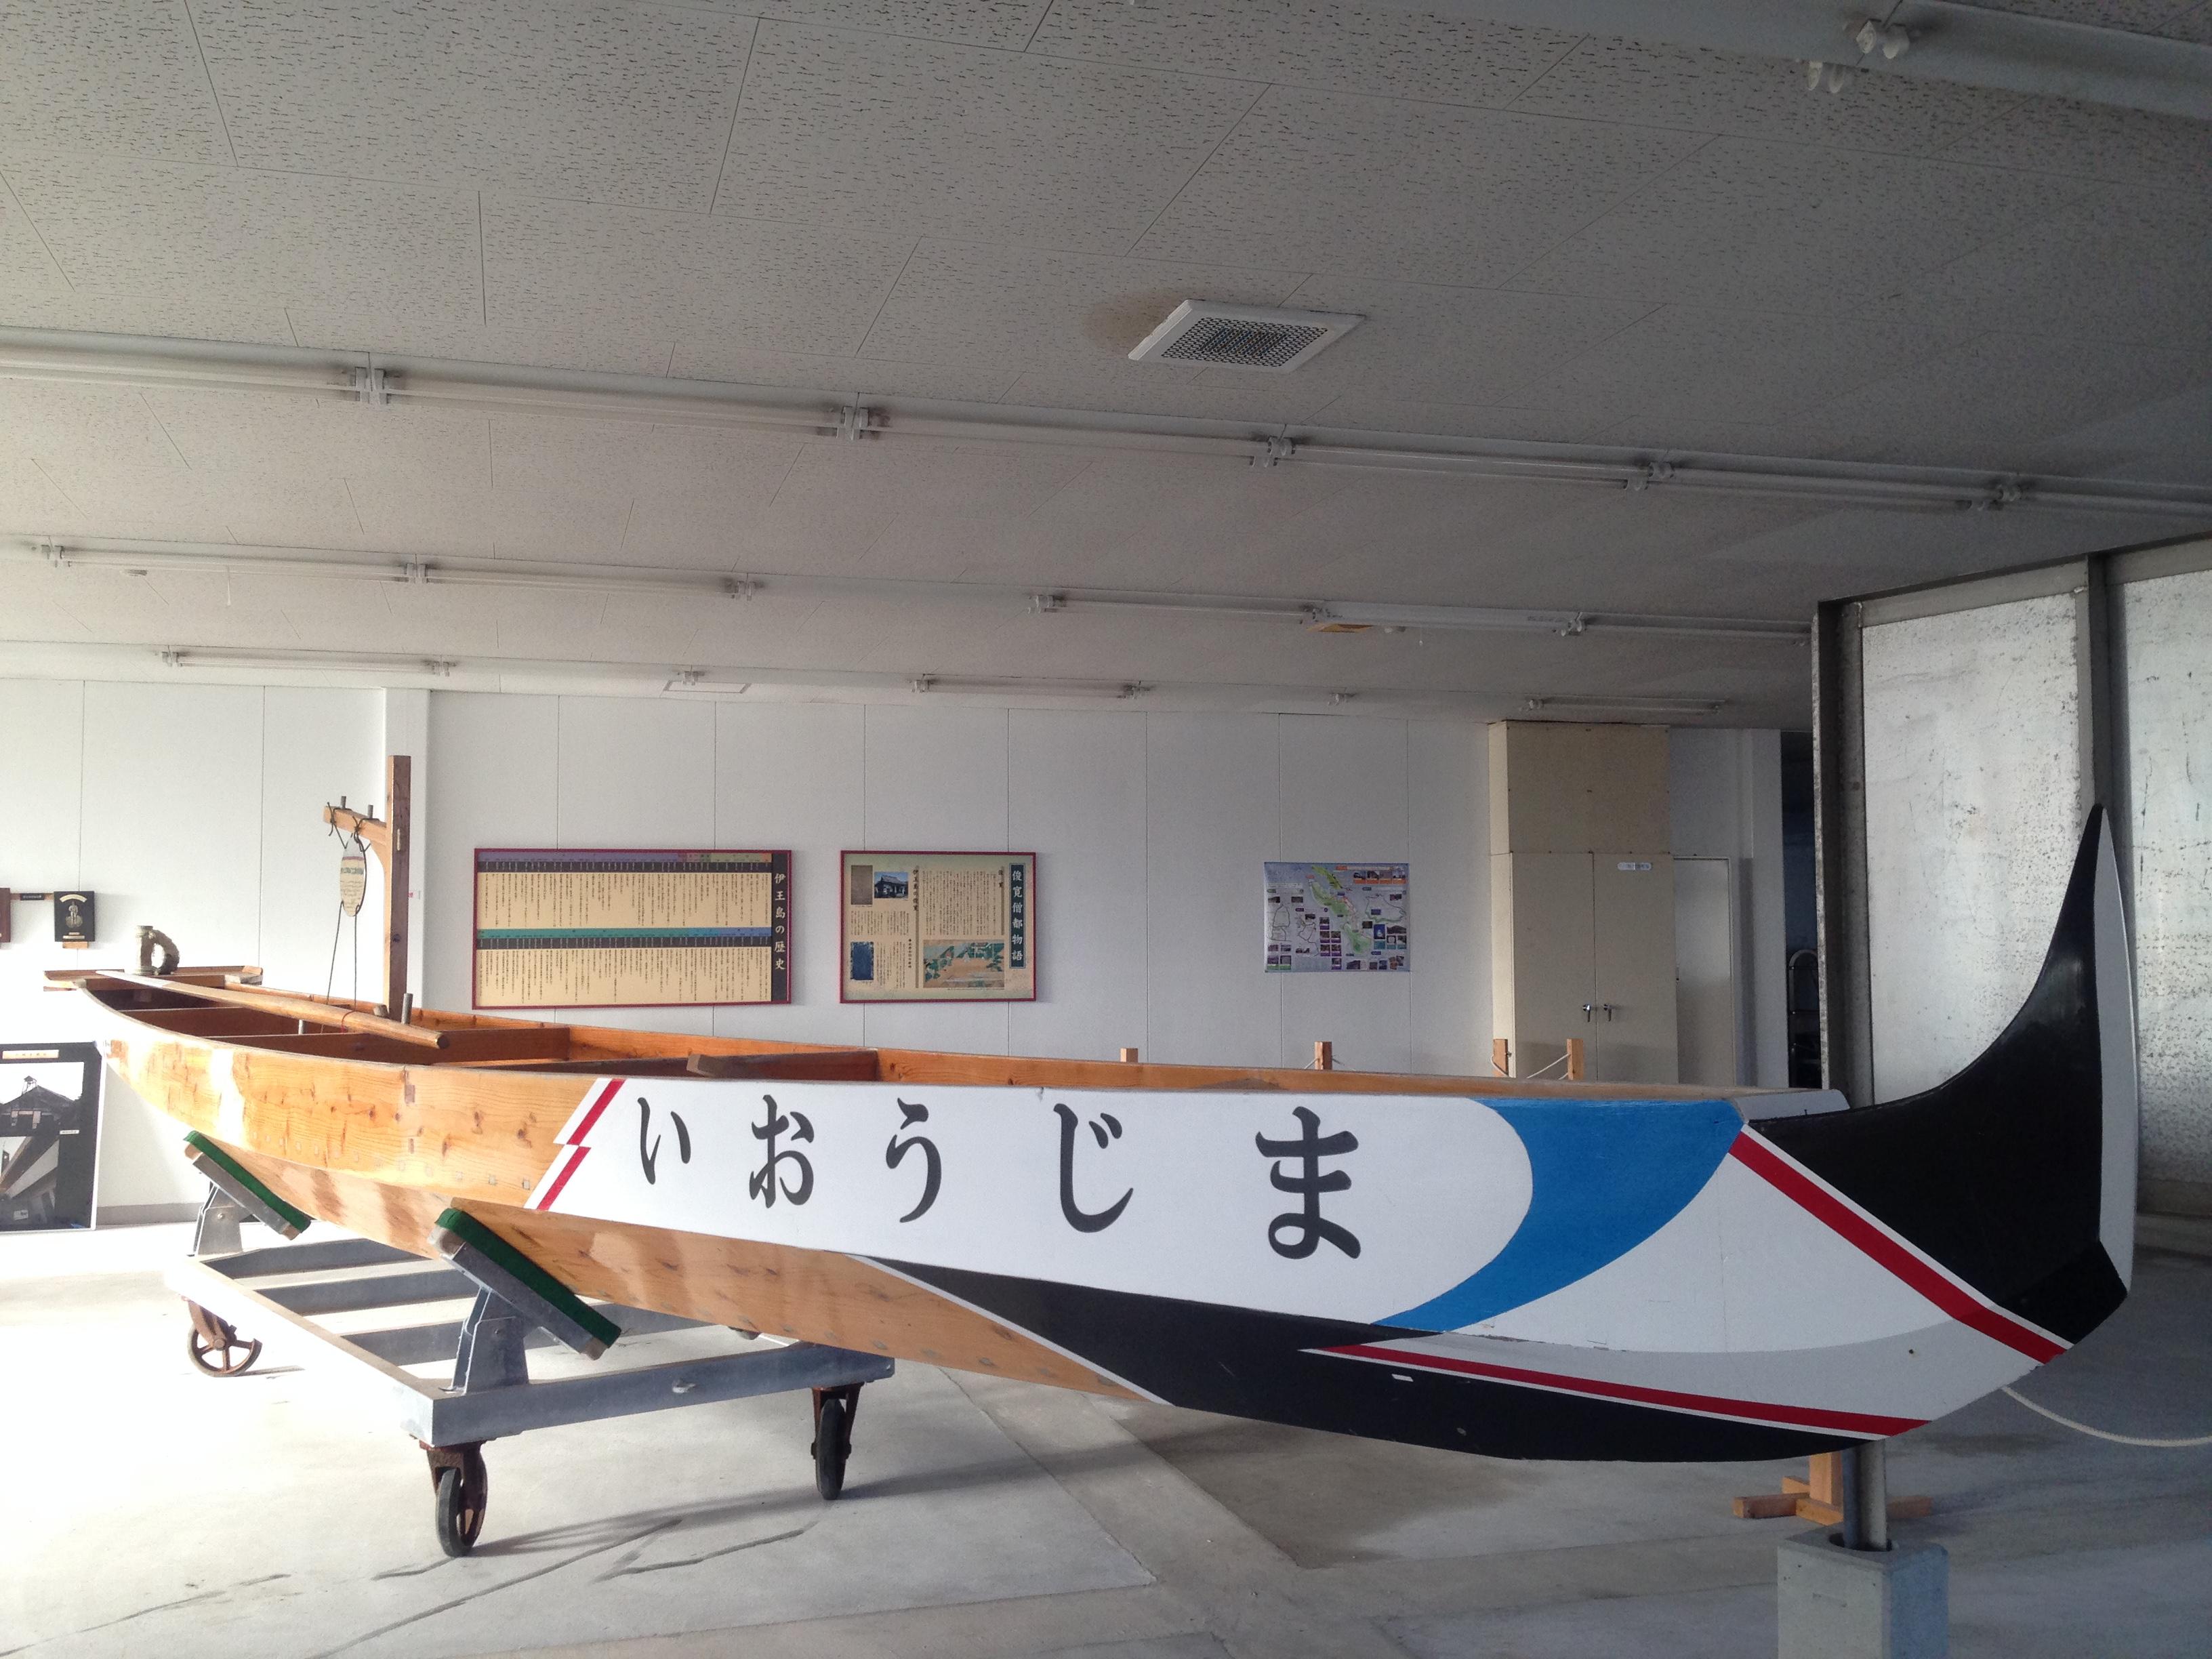 伊王島で毎年開催されるペーロン大会で使われるペーロン船の展示スペース